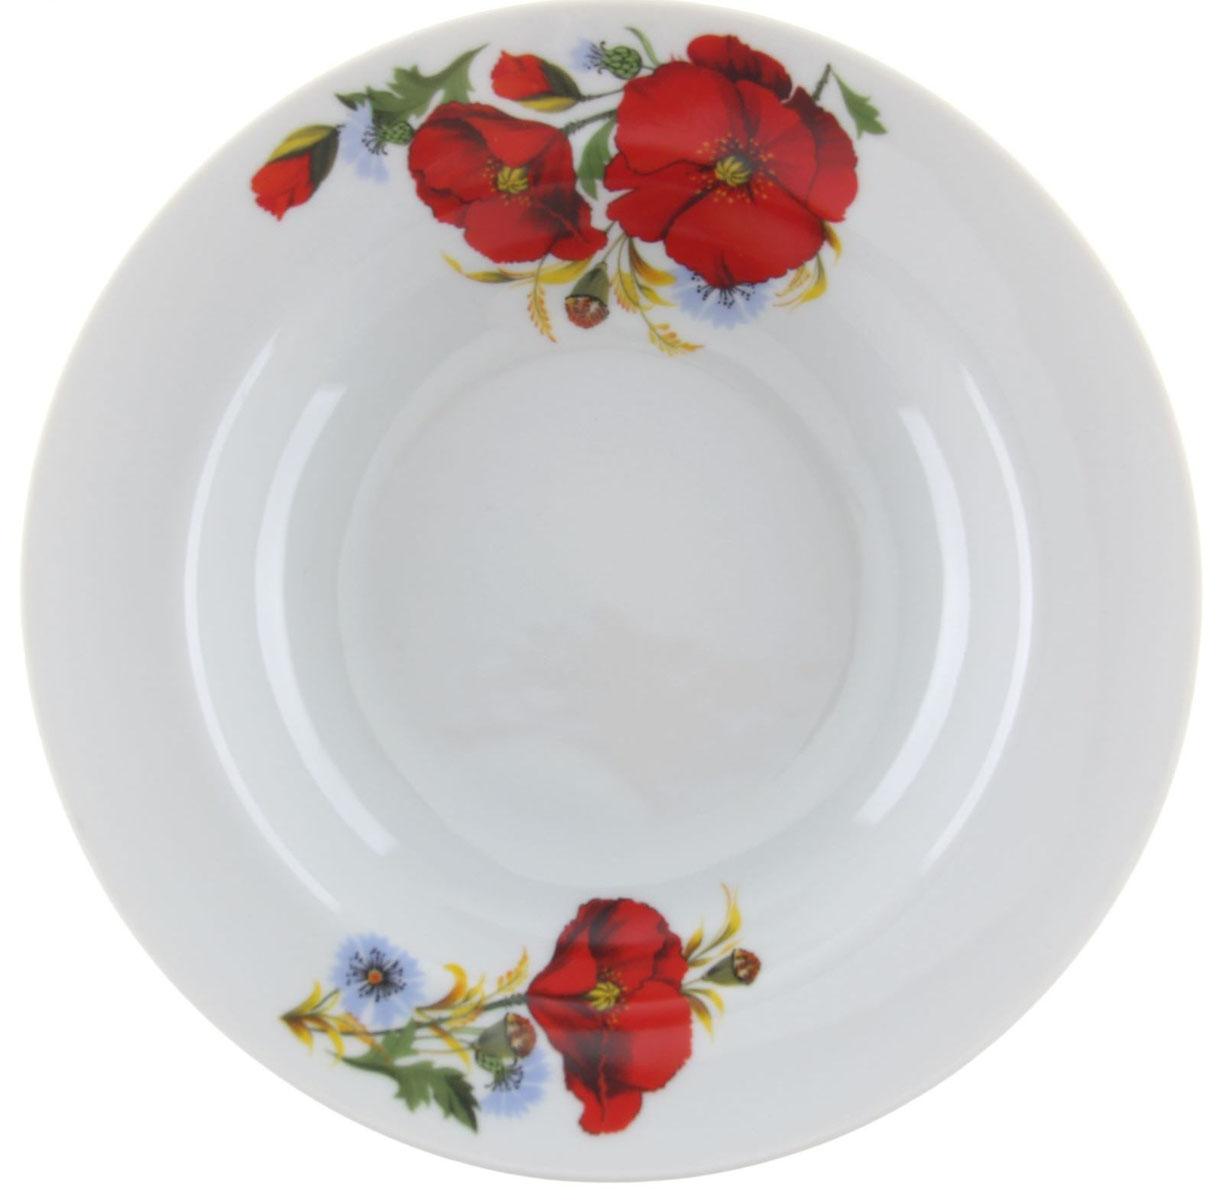 Тарелка глубокая Идиллия. Маки красные, диаметр 20 см1303845Глубокая тарелка Идиллия. Маки красные выполнена из высококачественного фарфора и украшена ярким цветочным рисунком. Она прекрасно впишется в интерьер вашей кухни и станет достойным дополнением к кухонному инвентарю. Тарелка Идиллия. Маки красные подчеркнет прекрасный вкус хозяйки и станет отличным подарком. Диаметр тарелки: 20 см.